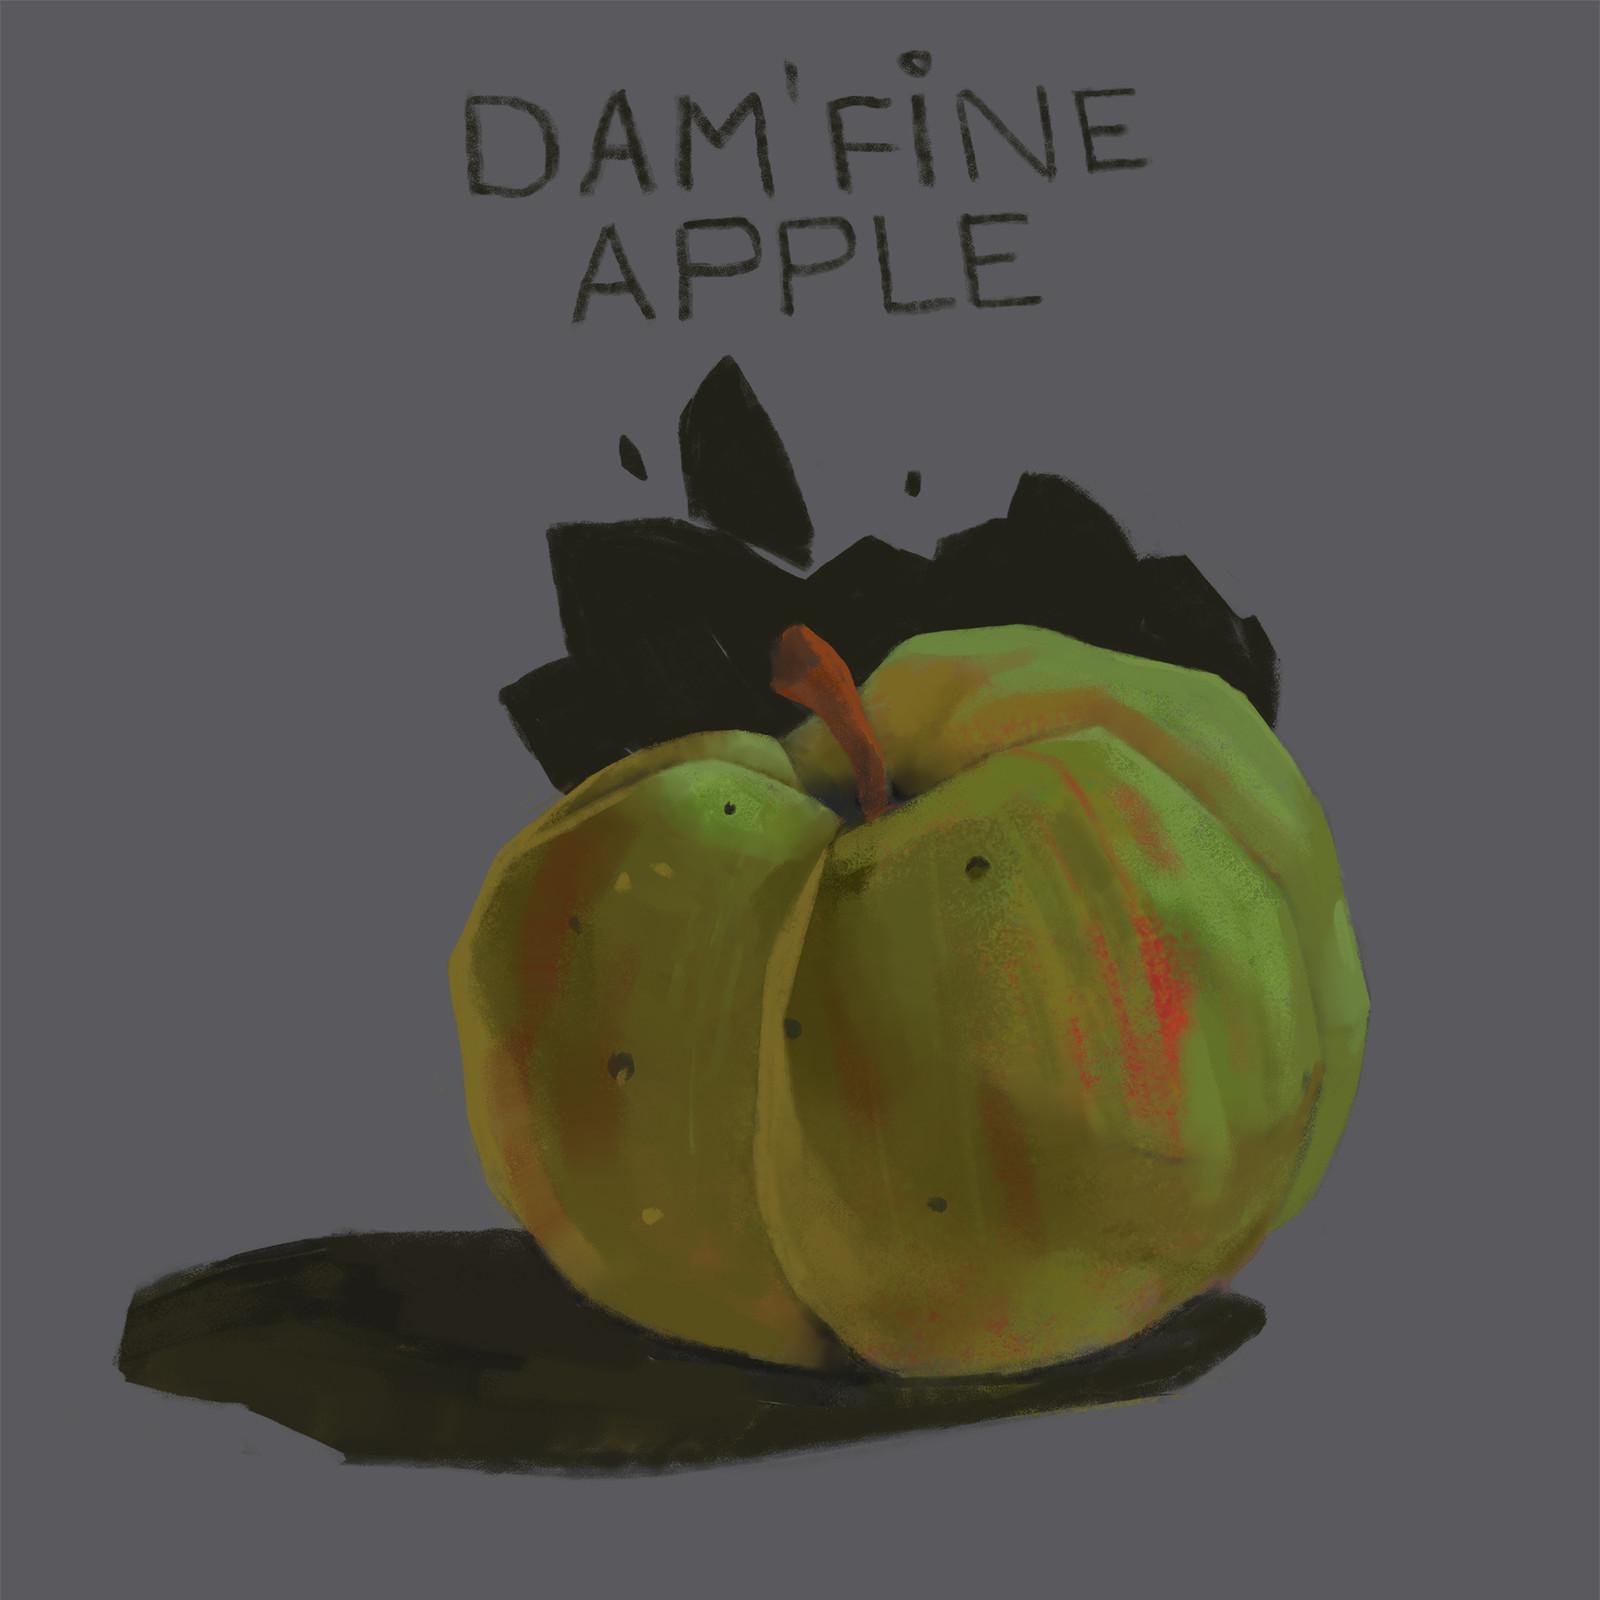 Damn fine apple!